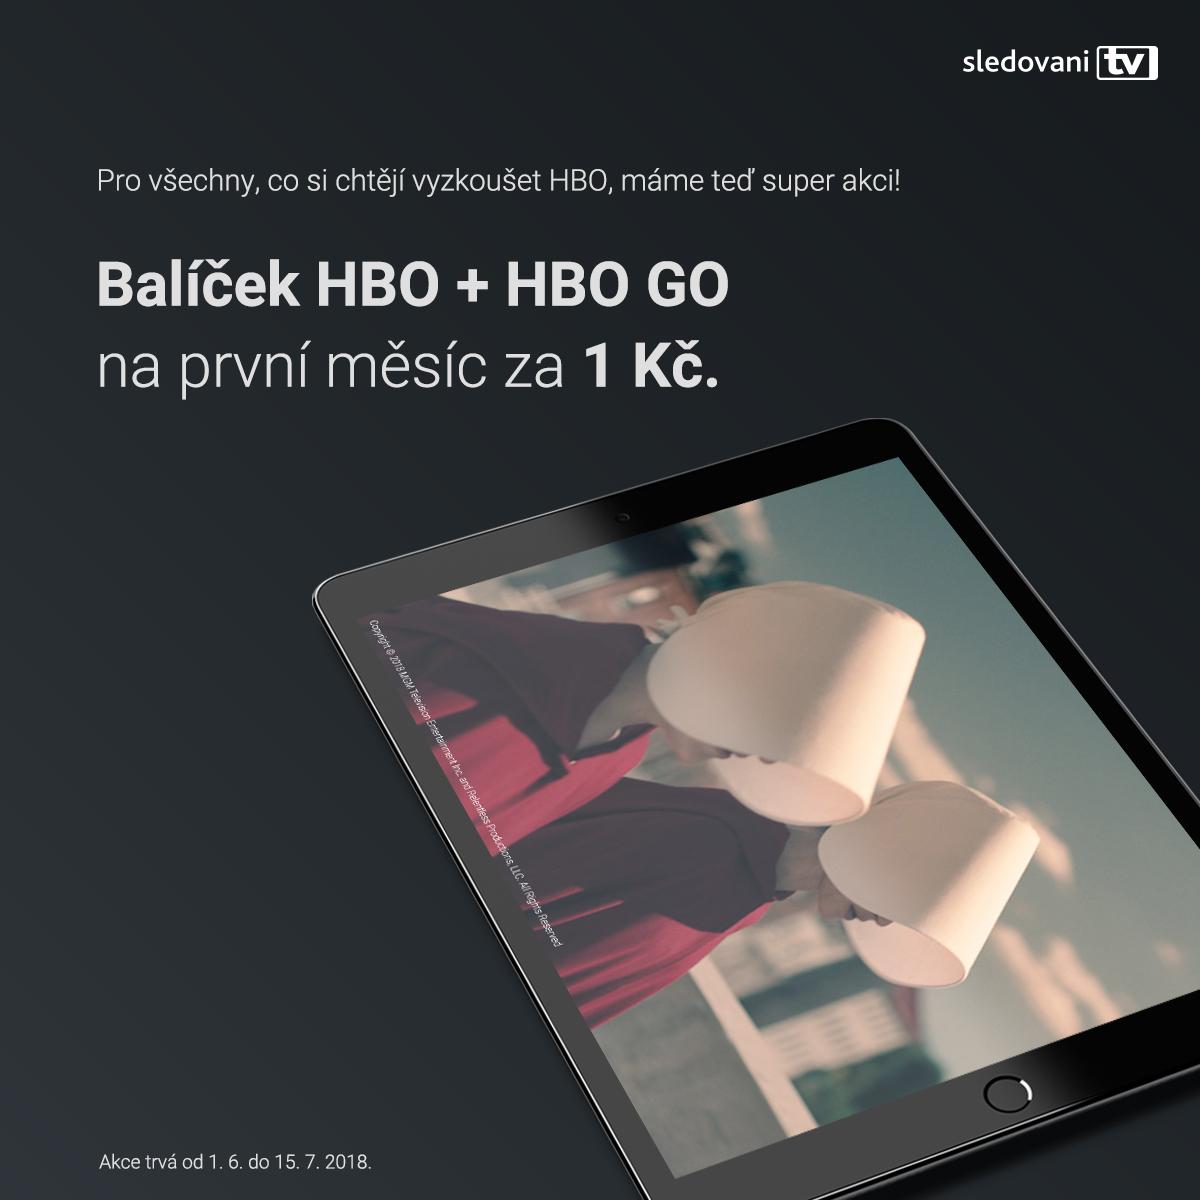 HBO za 1 Kč